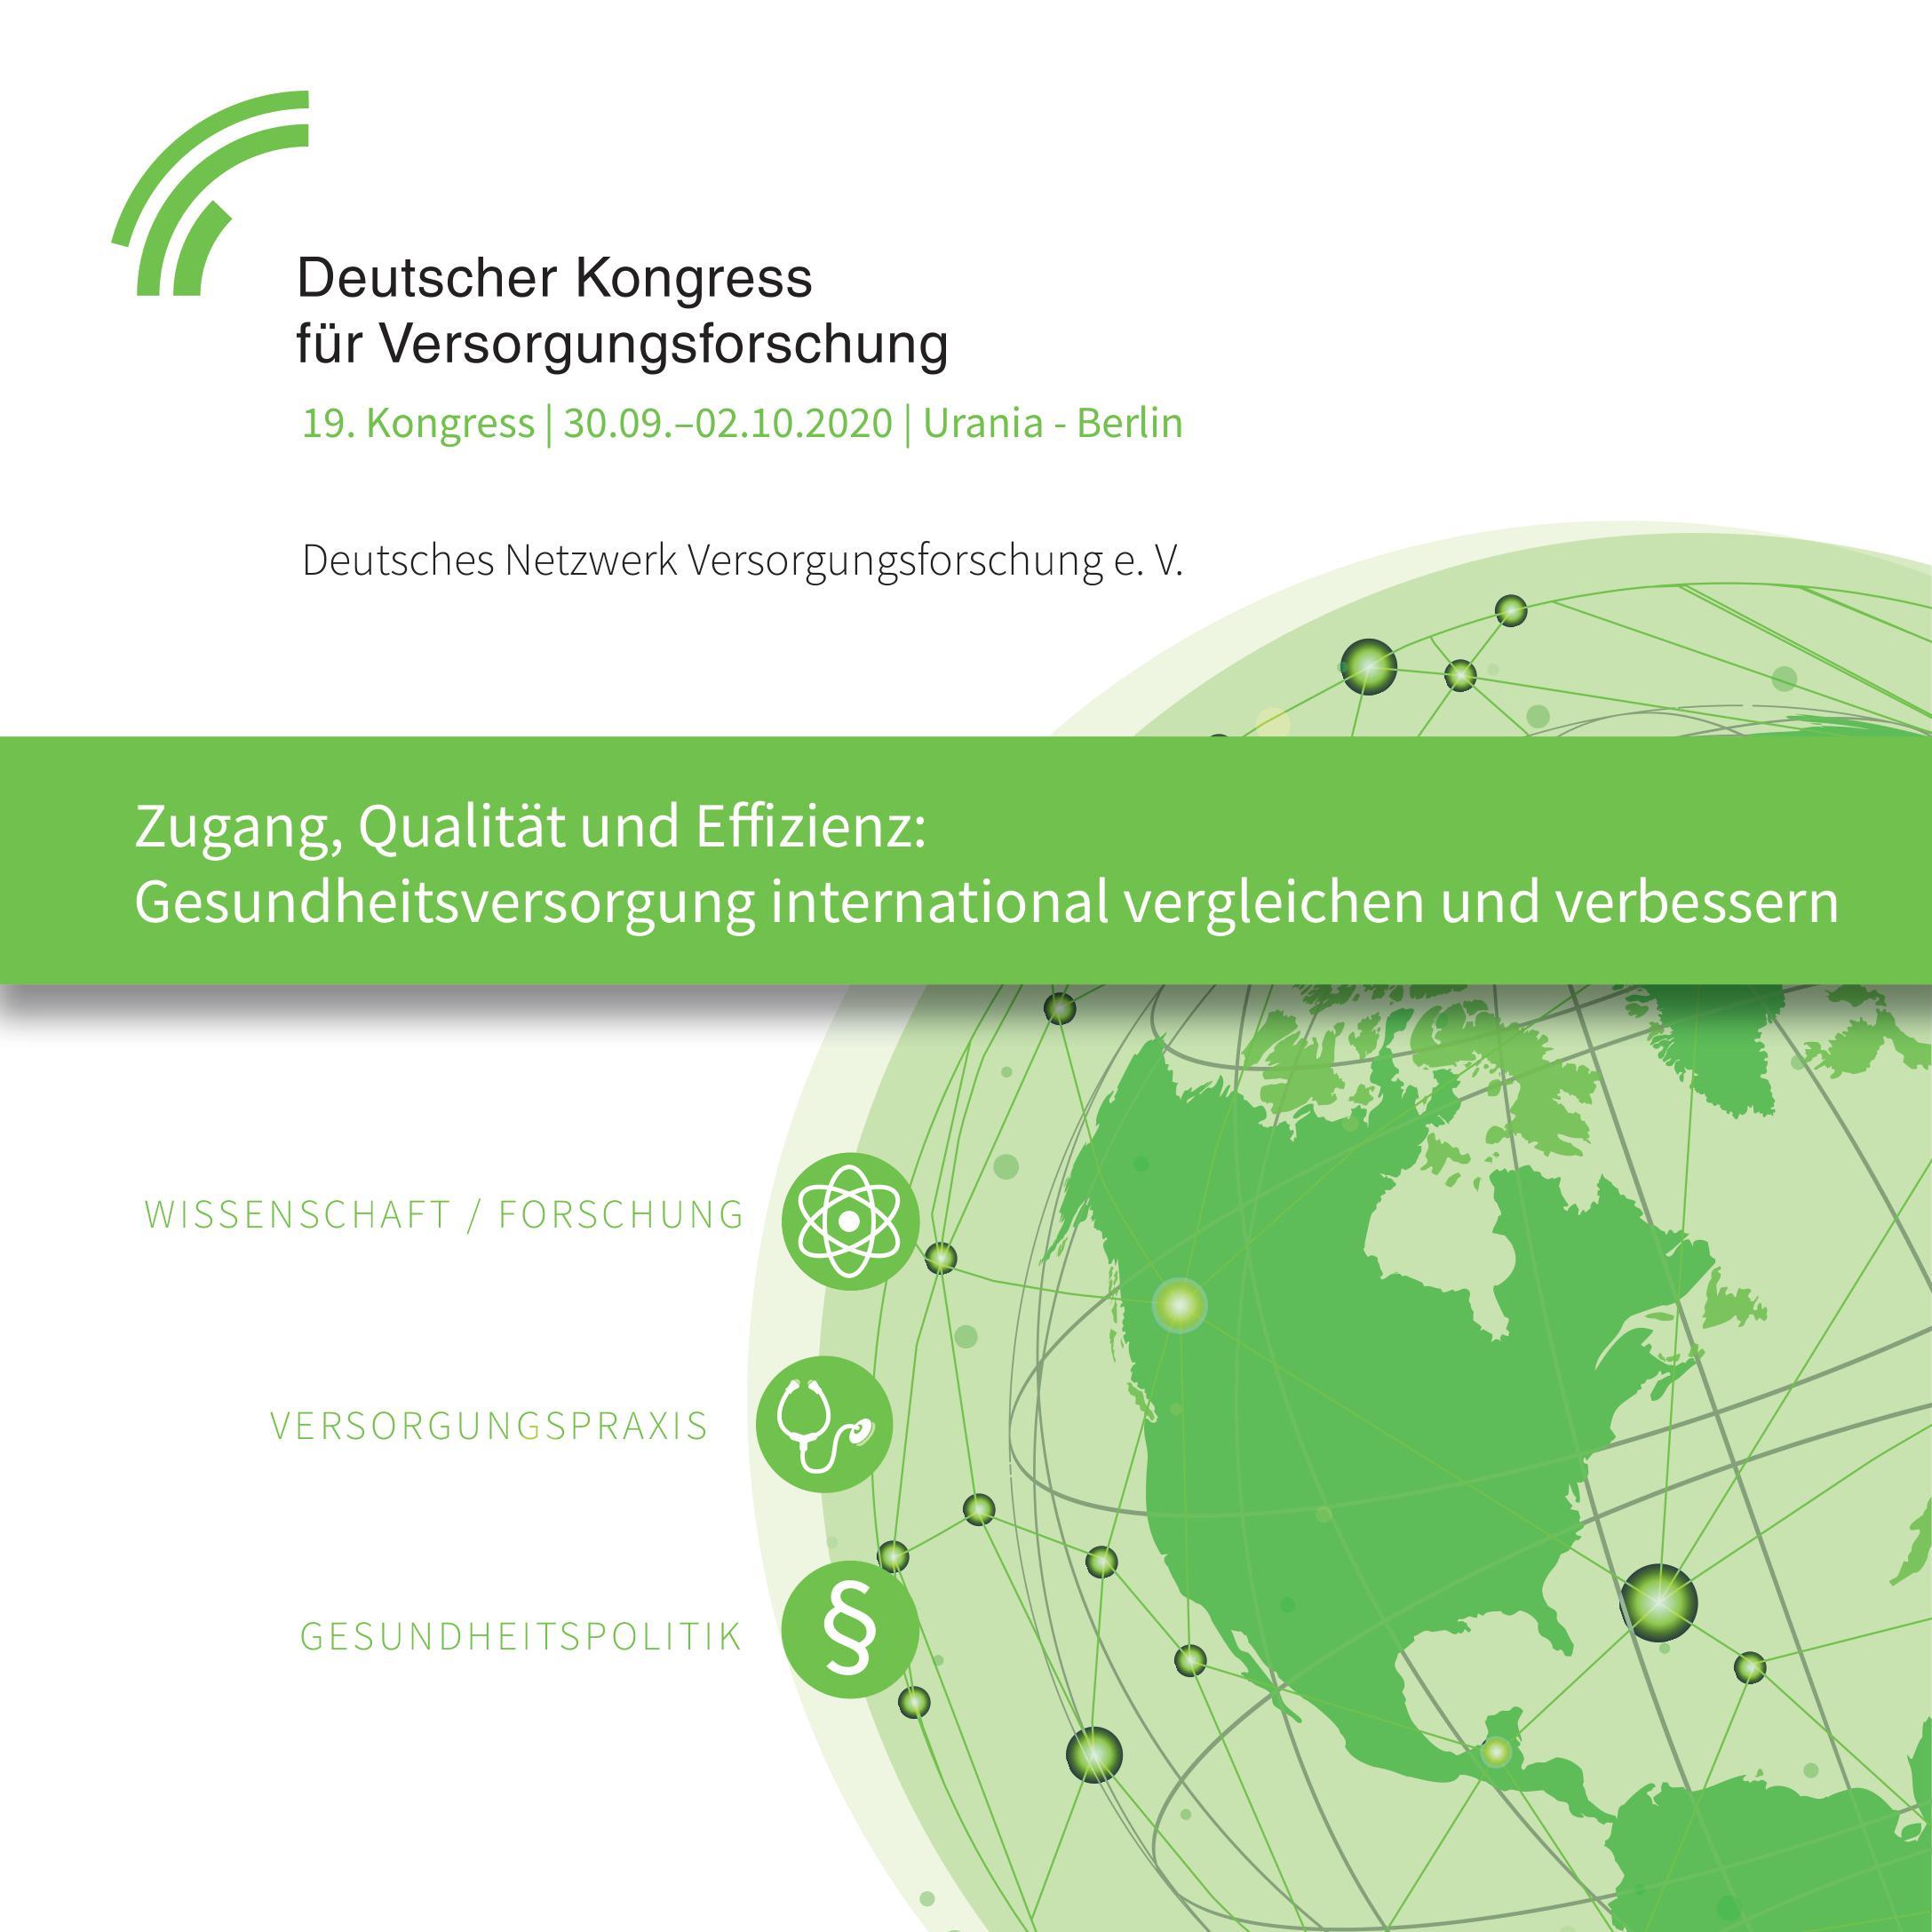 19. Deutscher Kongress für Versorgungsforschung